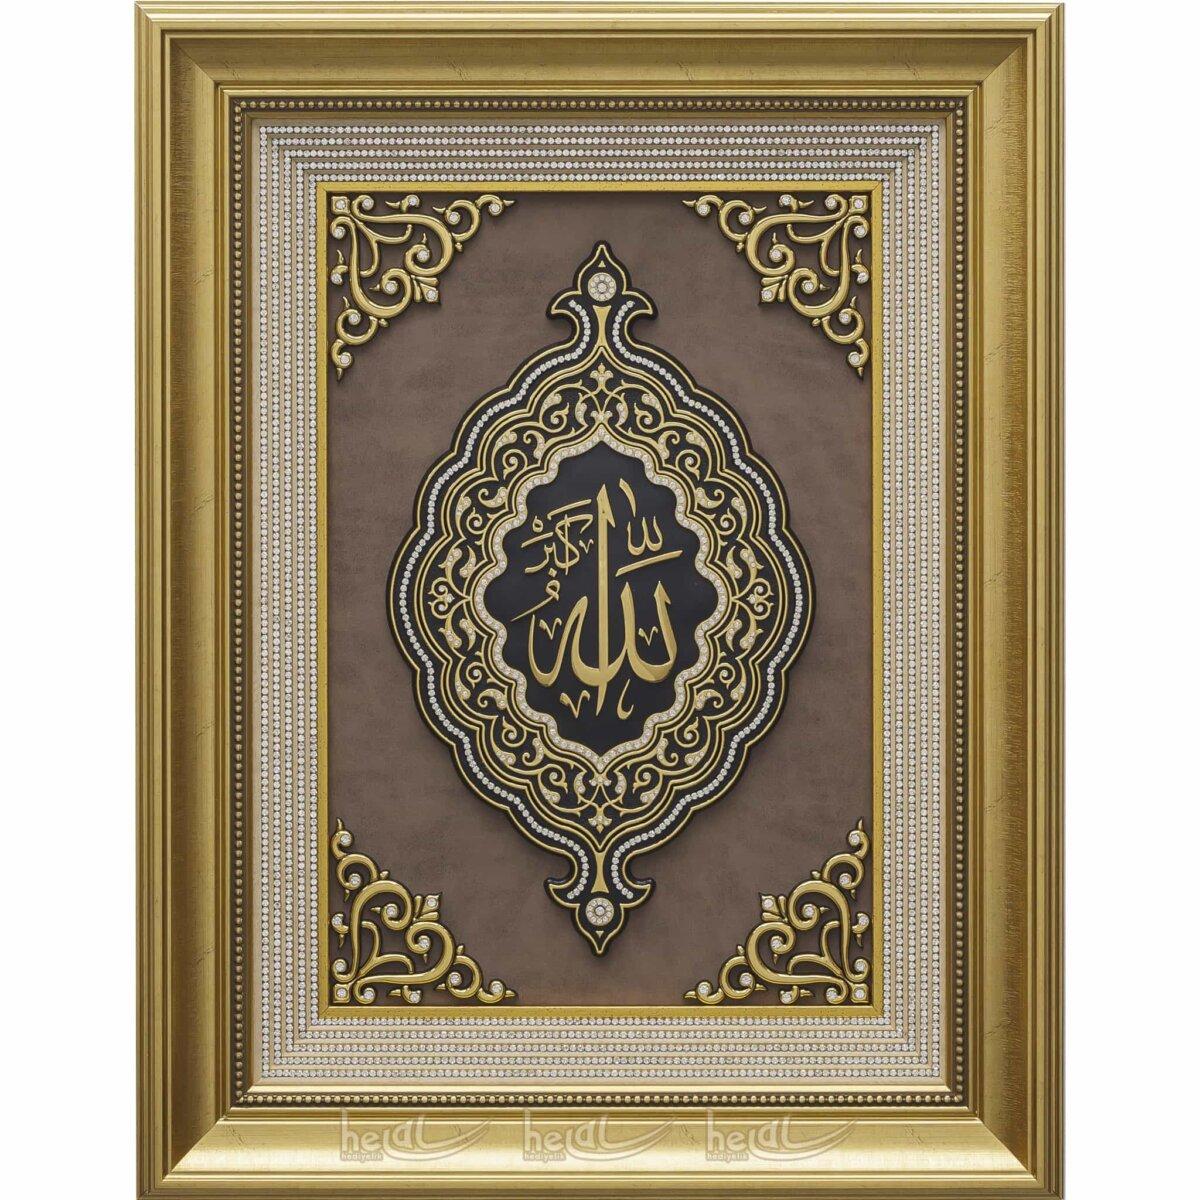 54x70cm Hat Yazısı İsmi Celil-Allah cc. Lafzı Selçuklu Modeli Paspartusu Taşlı Büyük Çerçeve Tablo Ayetli Tablolar